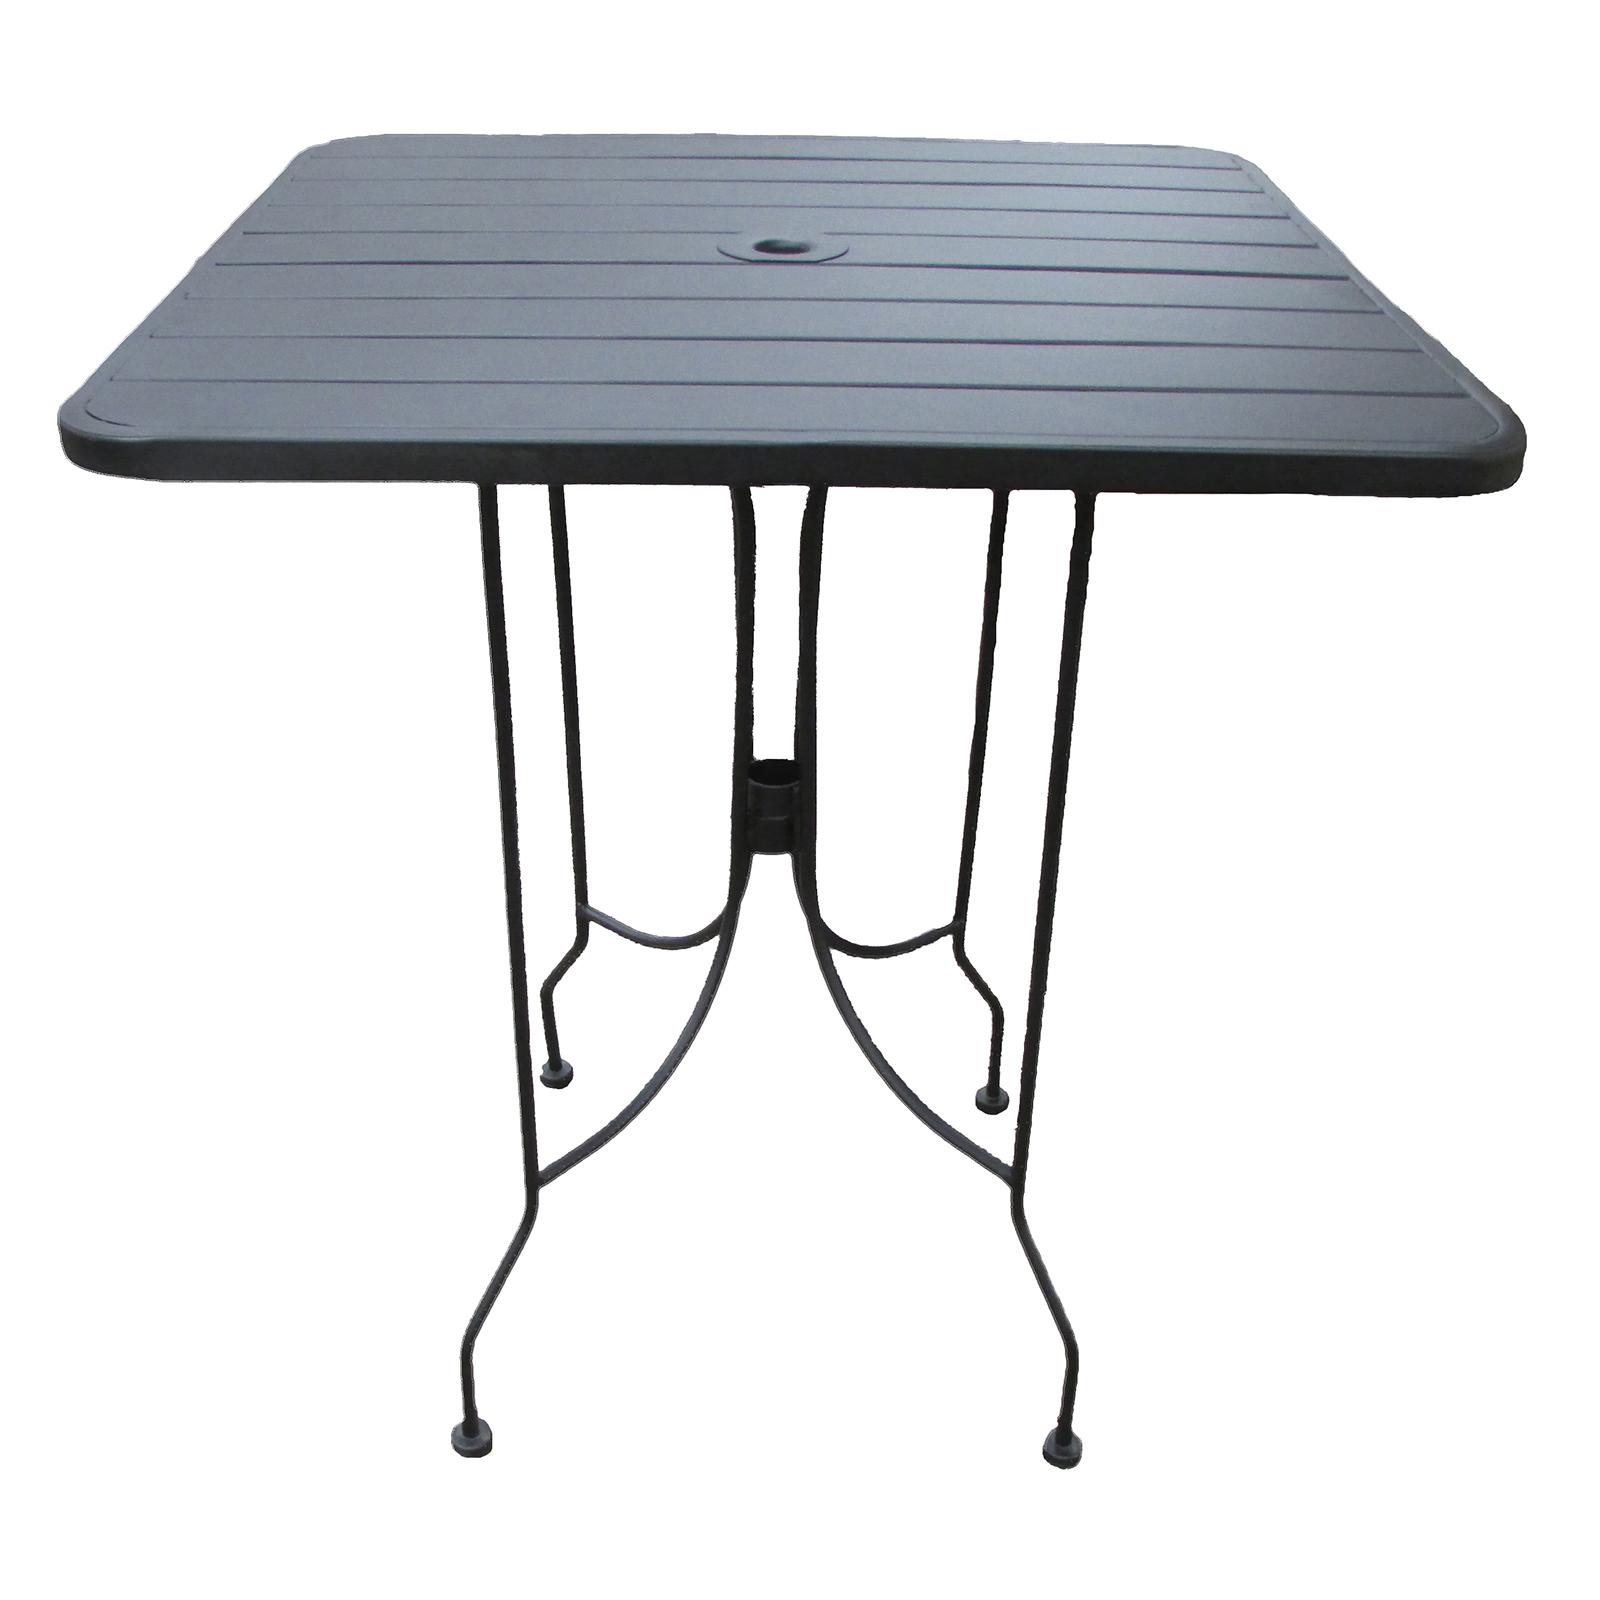 Oak Street OB3030-STD table, outdoor